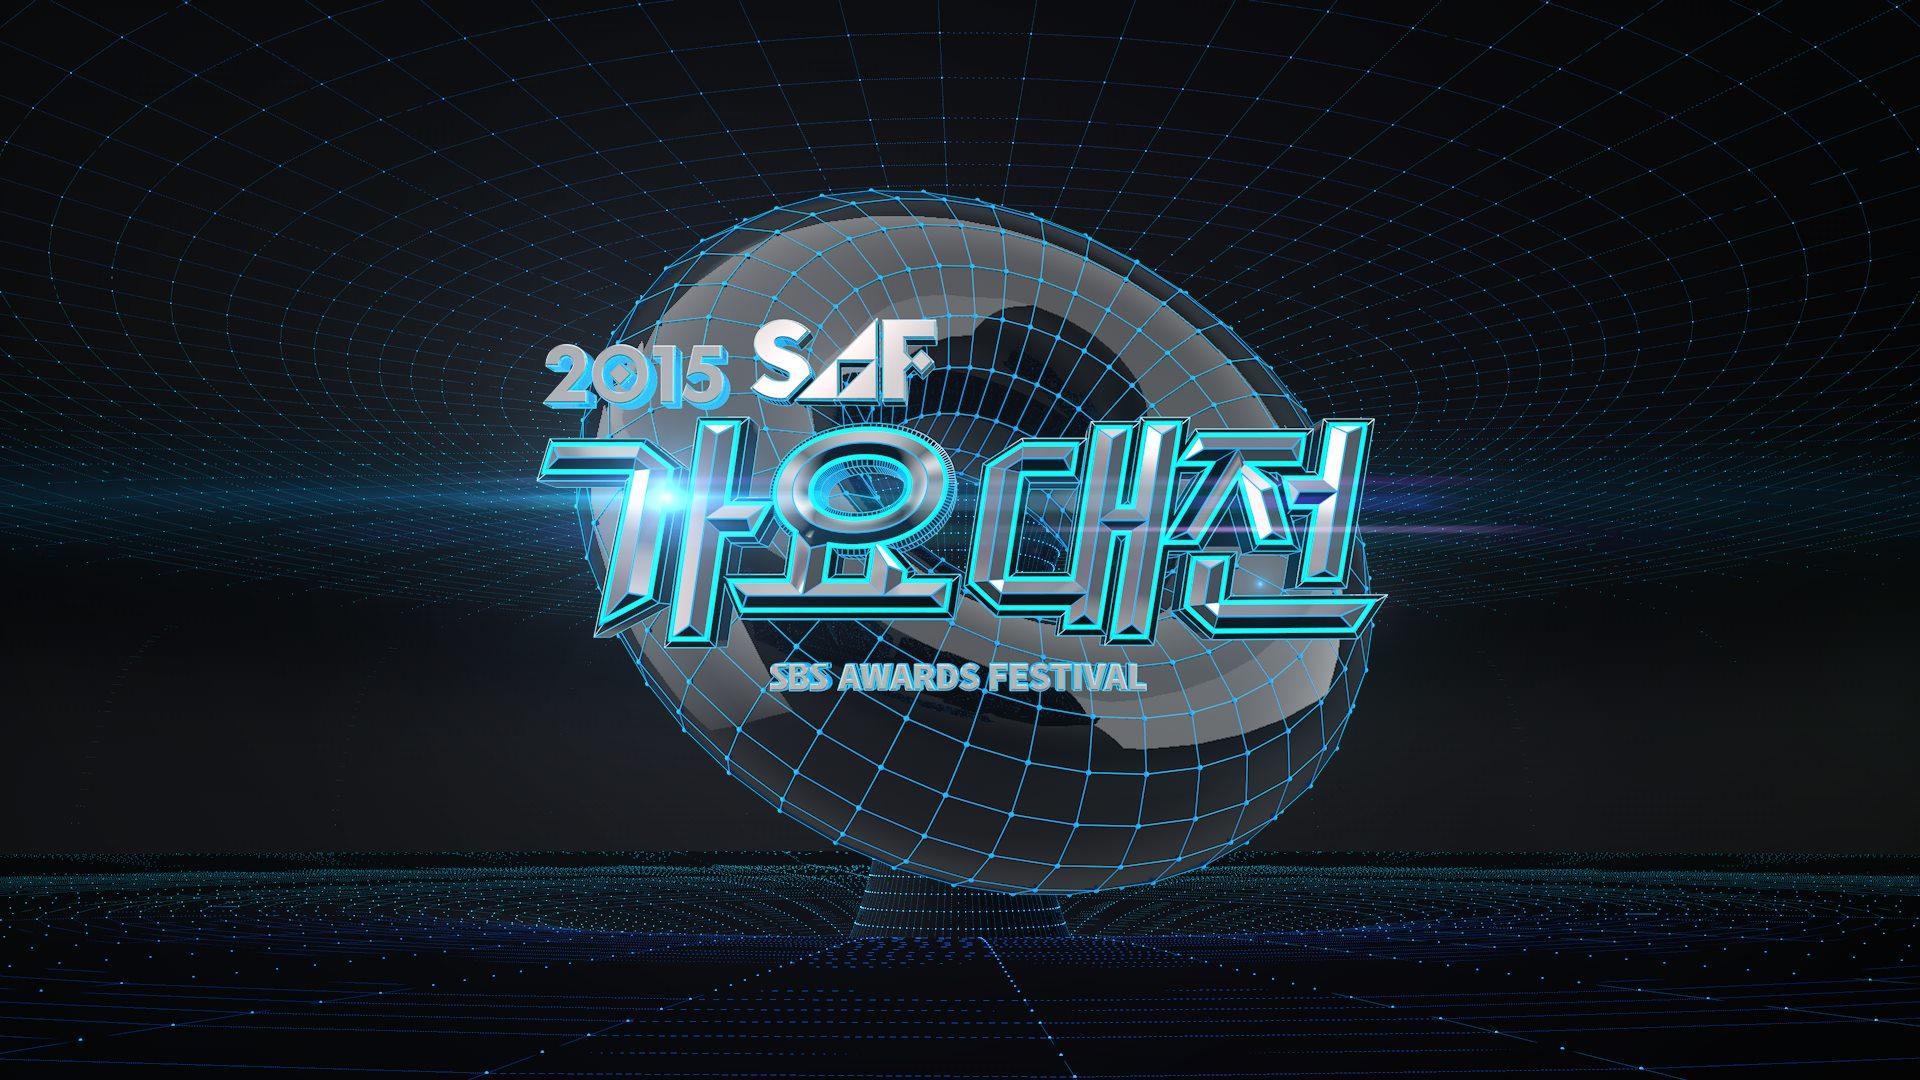 27日(周日)的《SBS歌謠大戰》已經進入如火如荼的倒數中了!去年SBS恢復了頒獎制度,如果今年也頒發的話,今天就要來介紹競爭超級激烈的新人獎候補!